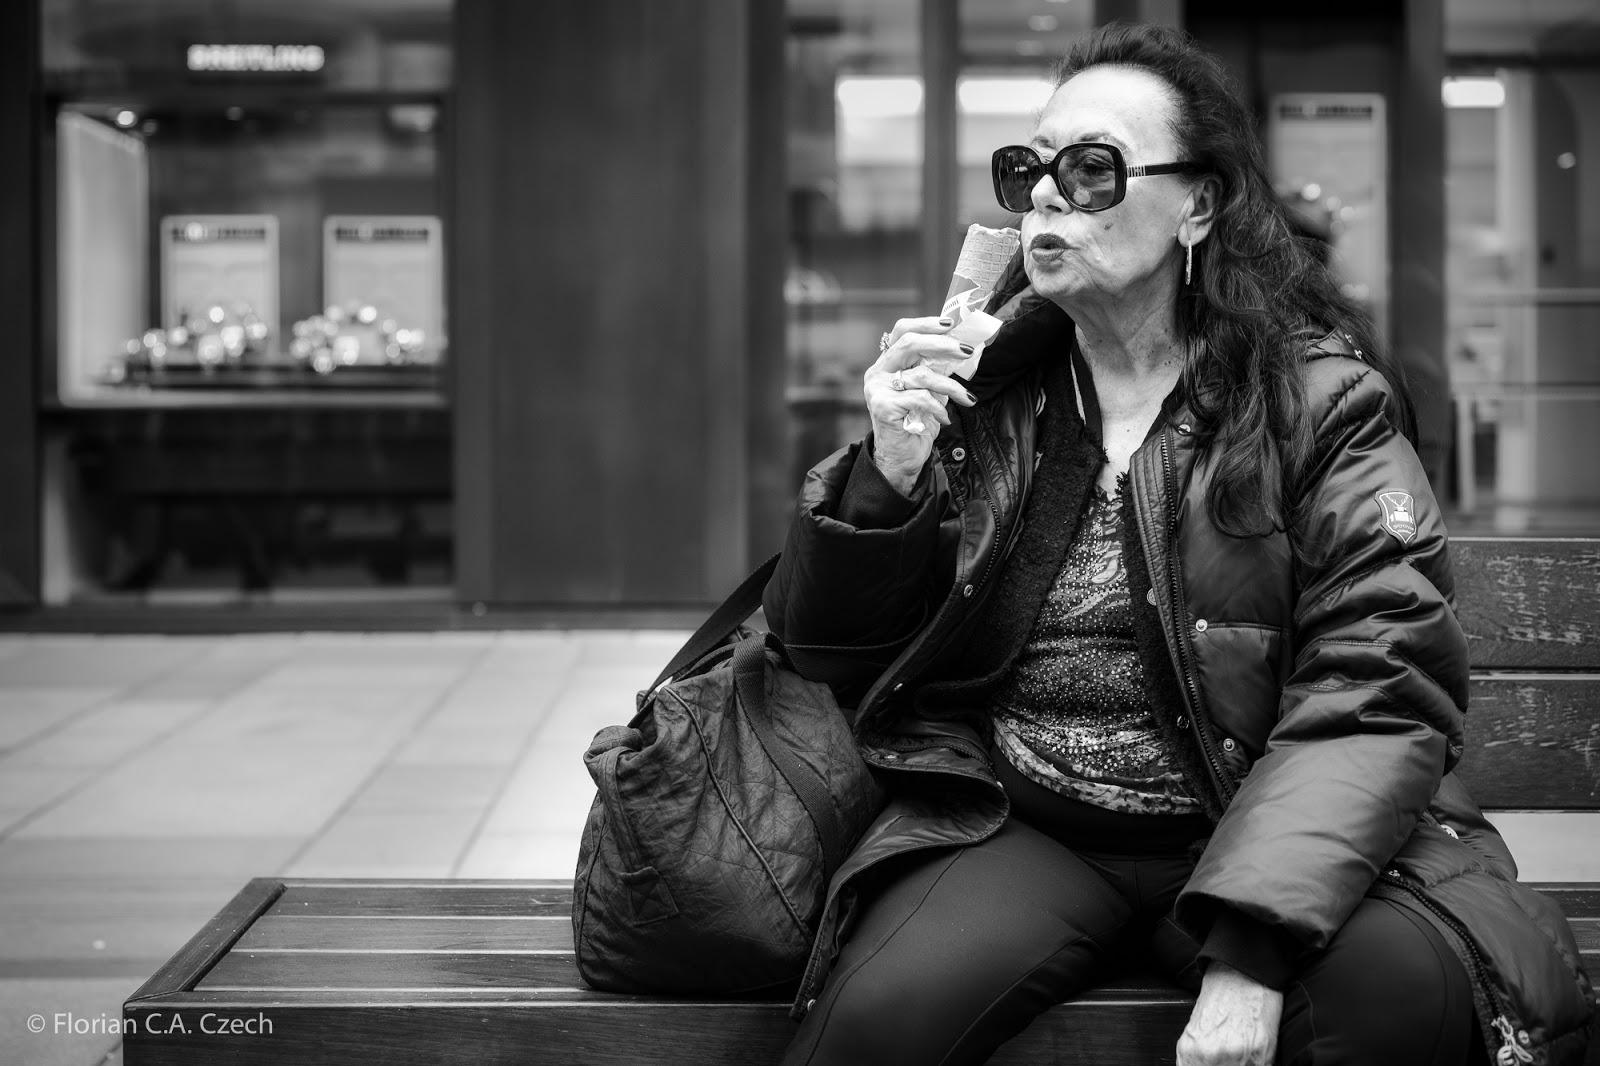 Frau ist ein Eis auf einer Bank